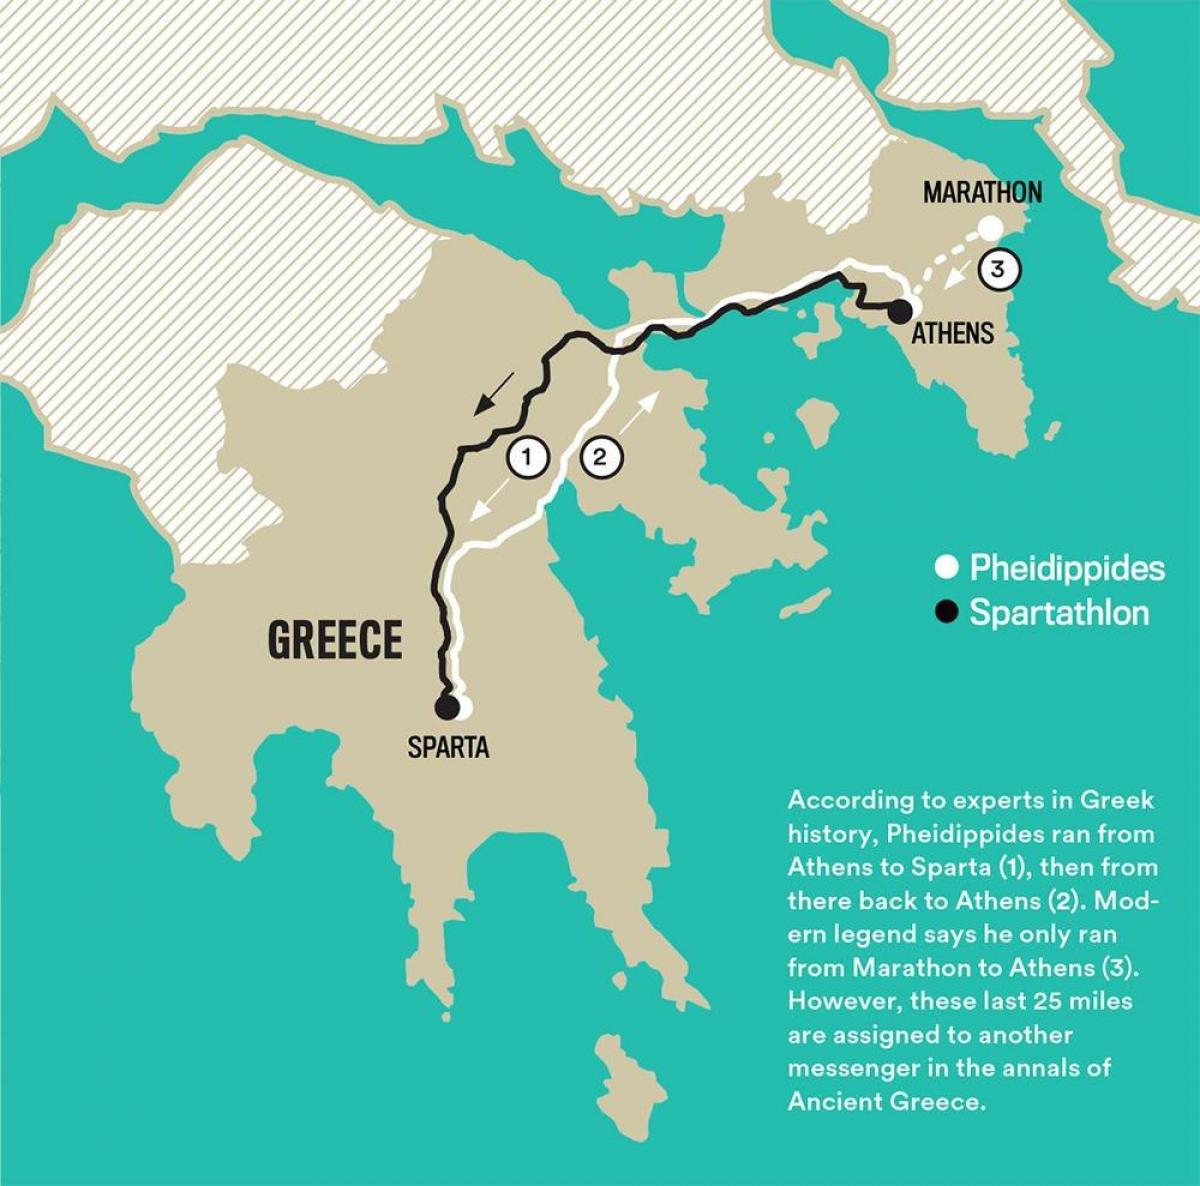 Cartina Della Grecia Antica In Italiano.Maratona Antica Grecia Mappa Mappa Della Grecia Antica Maratona Europa Del Sud Europa